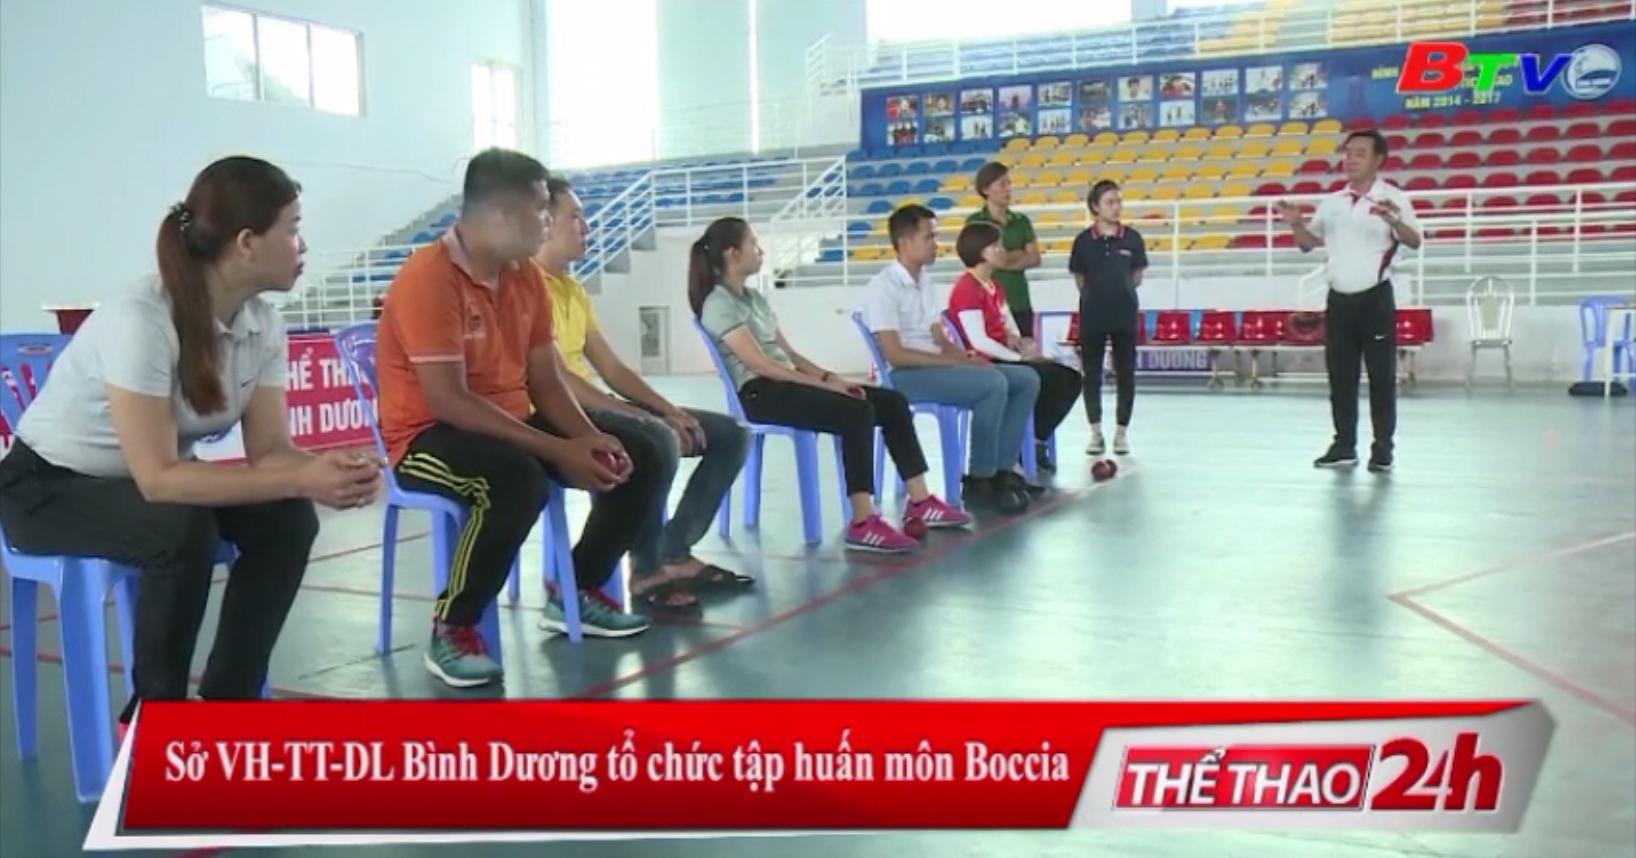 Sở VH-TT-DL Bình Dương tổ chức tập huấn môn Boccia